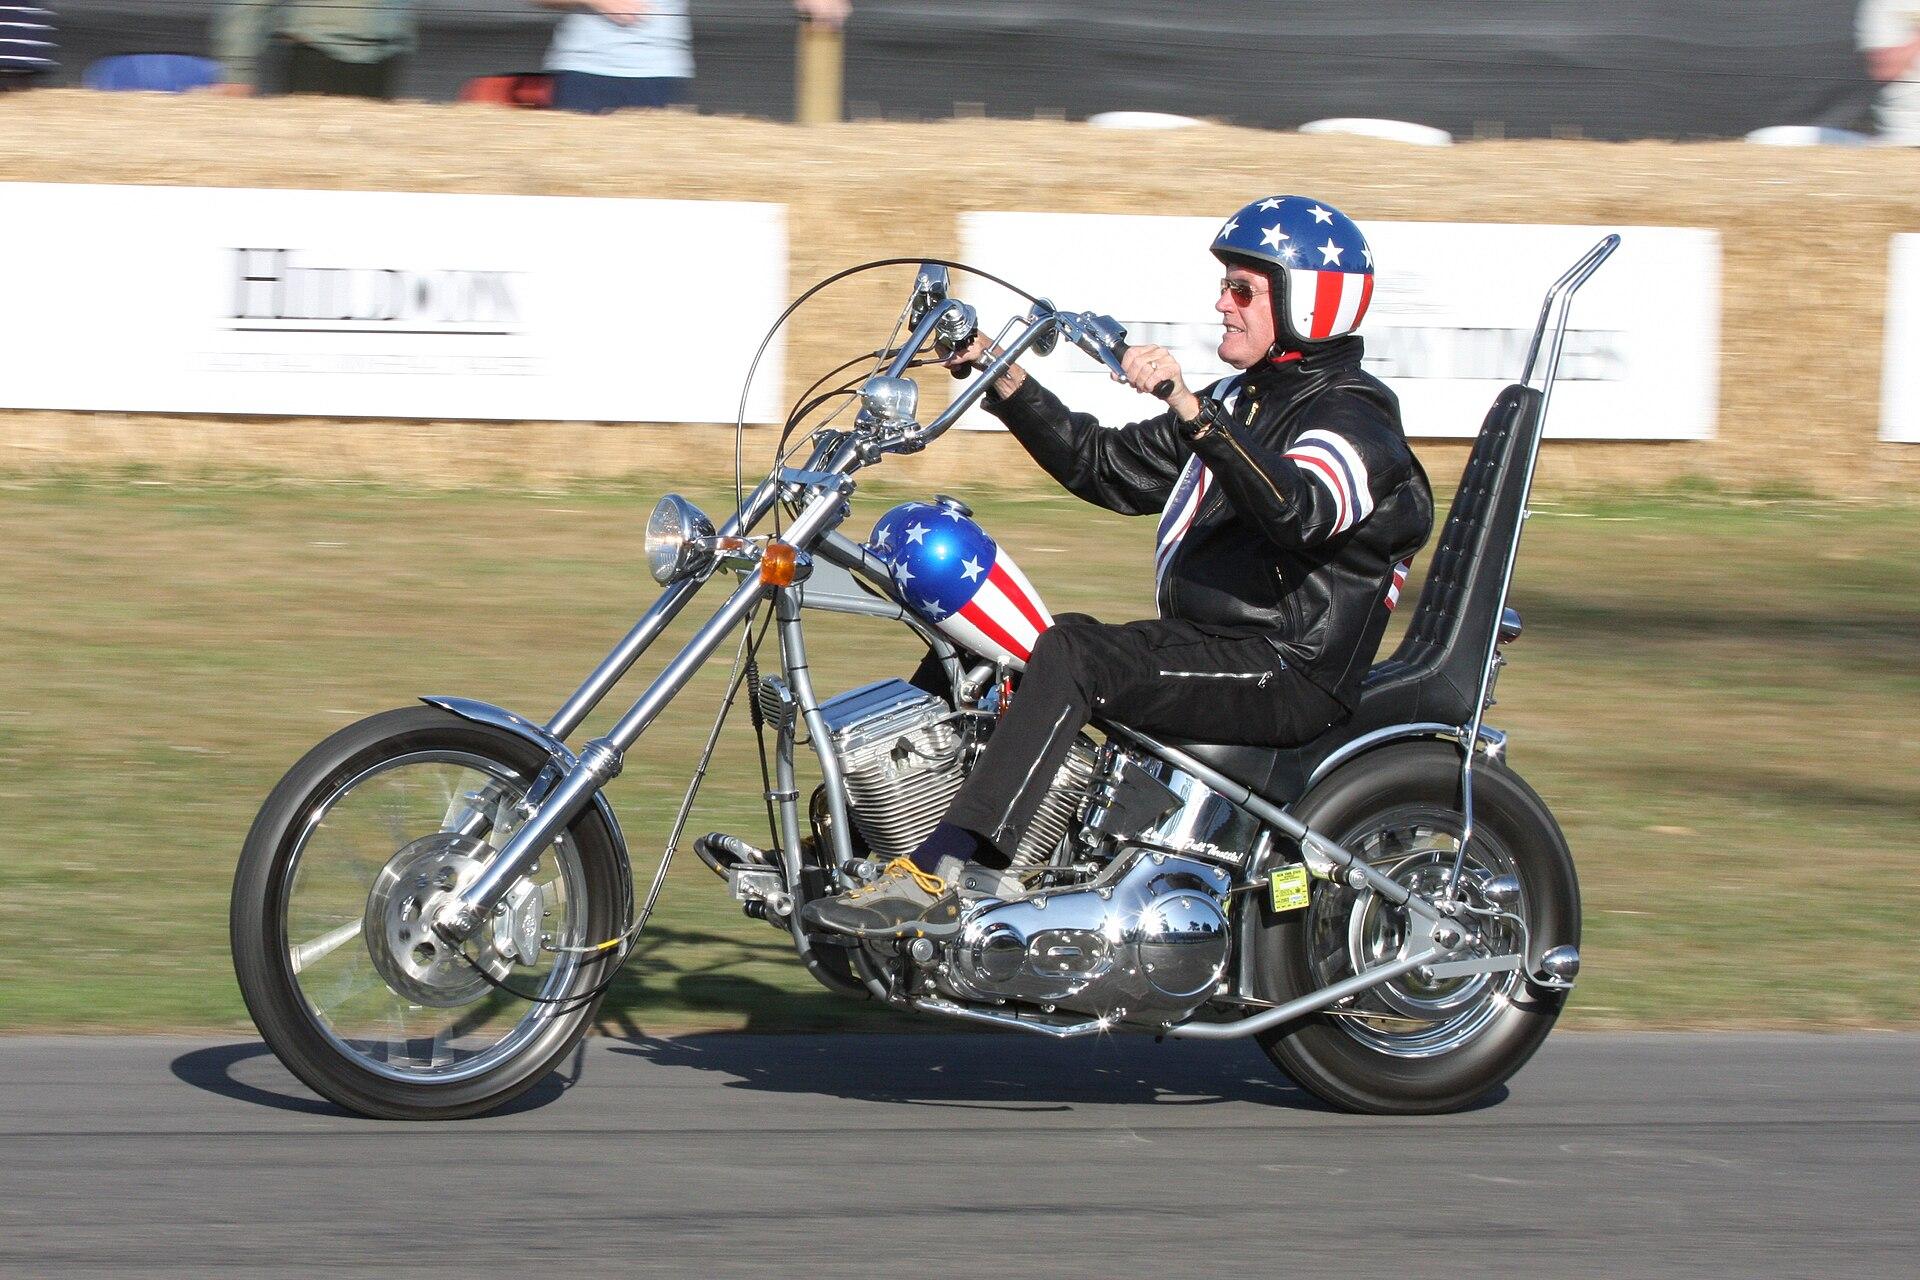 B B B D E F also F Baa F Ca Bdac A F also Bcbfdf A B E Baf F Motorcycle Style Biker Style together with Girlriding also Bfa Af F Bf D Bc Af D. on 70s shovelhead chopper